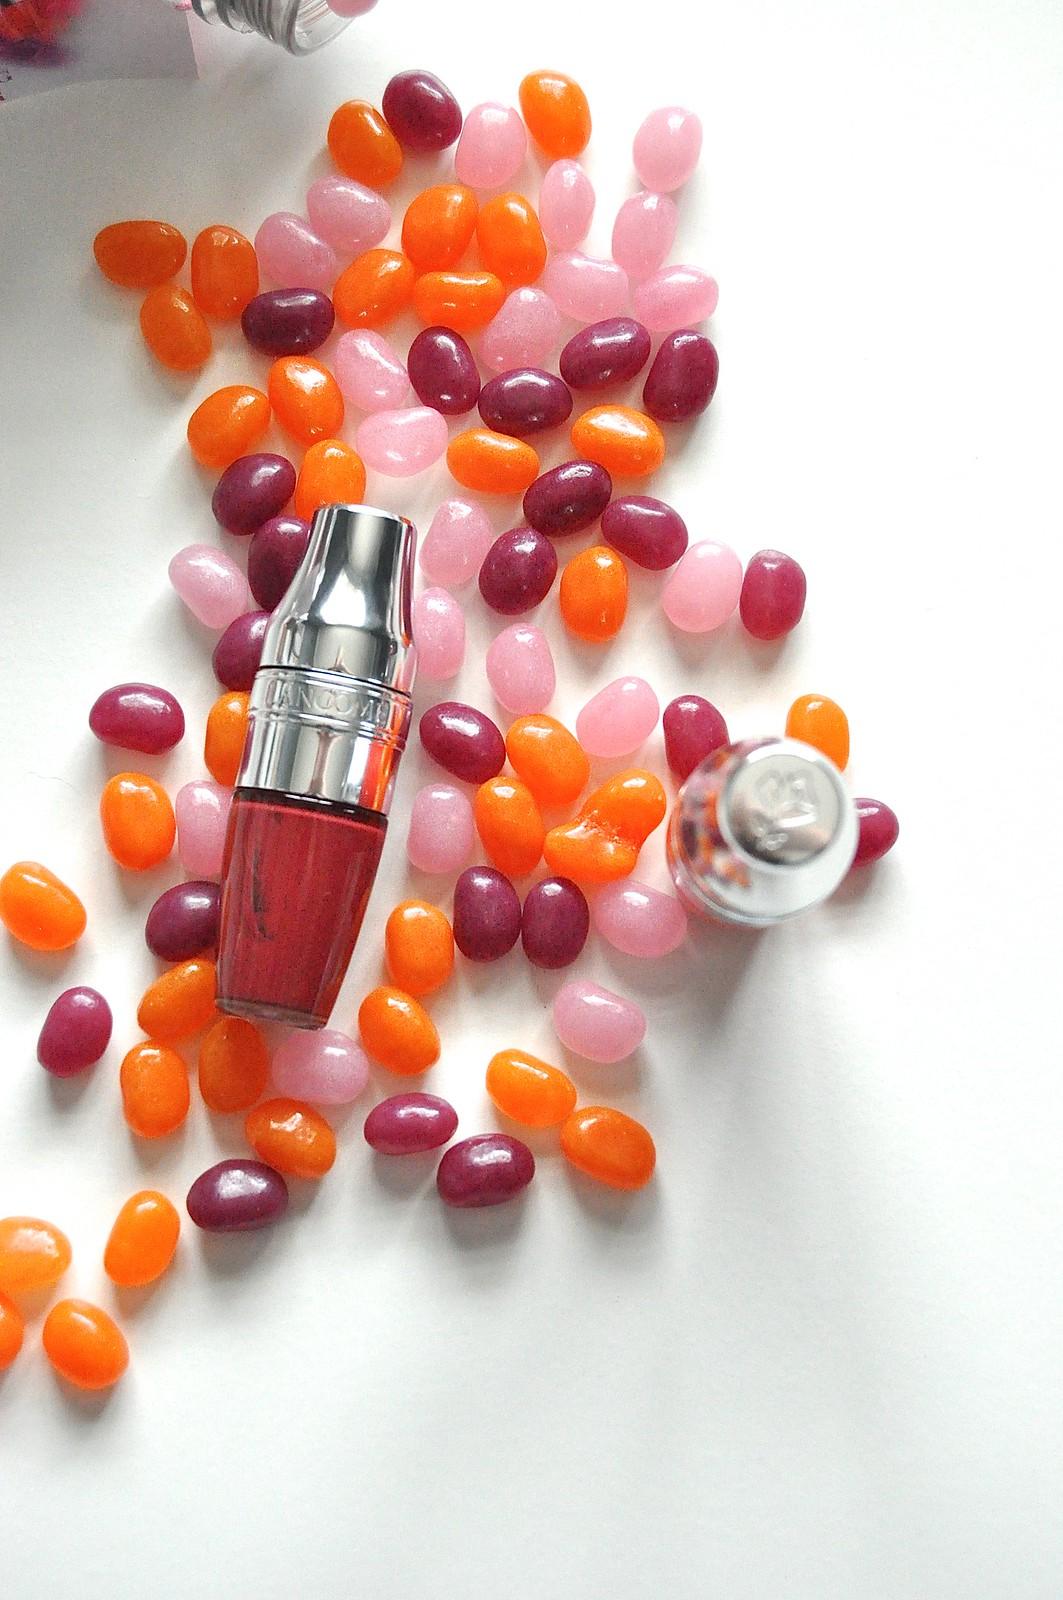 Lancome Juicy Shaker Lip Gloss